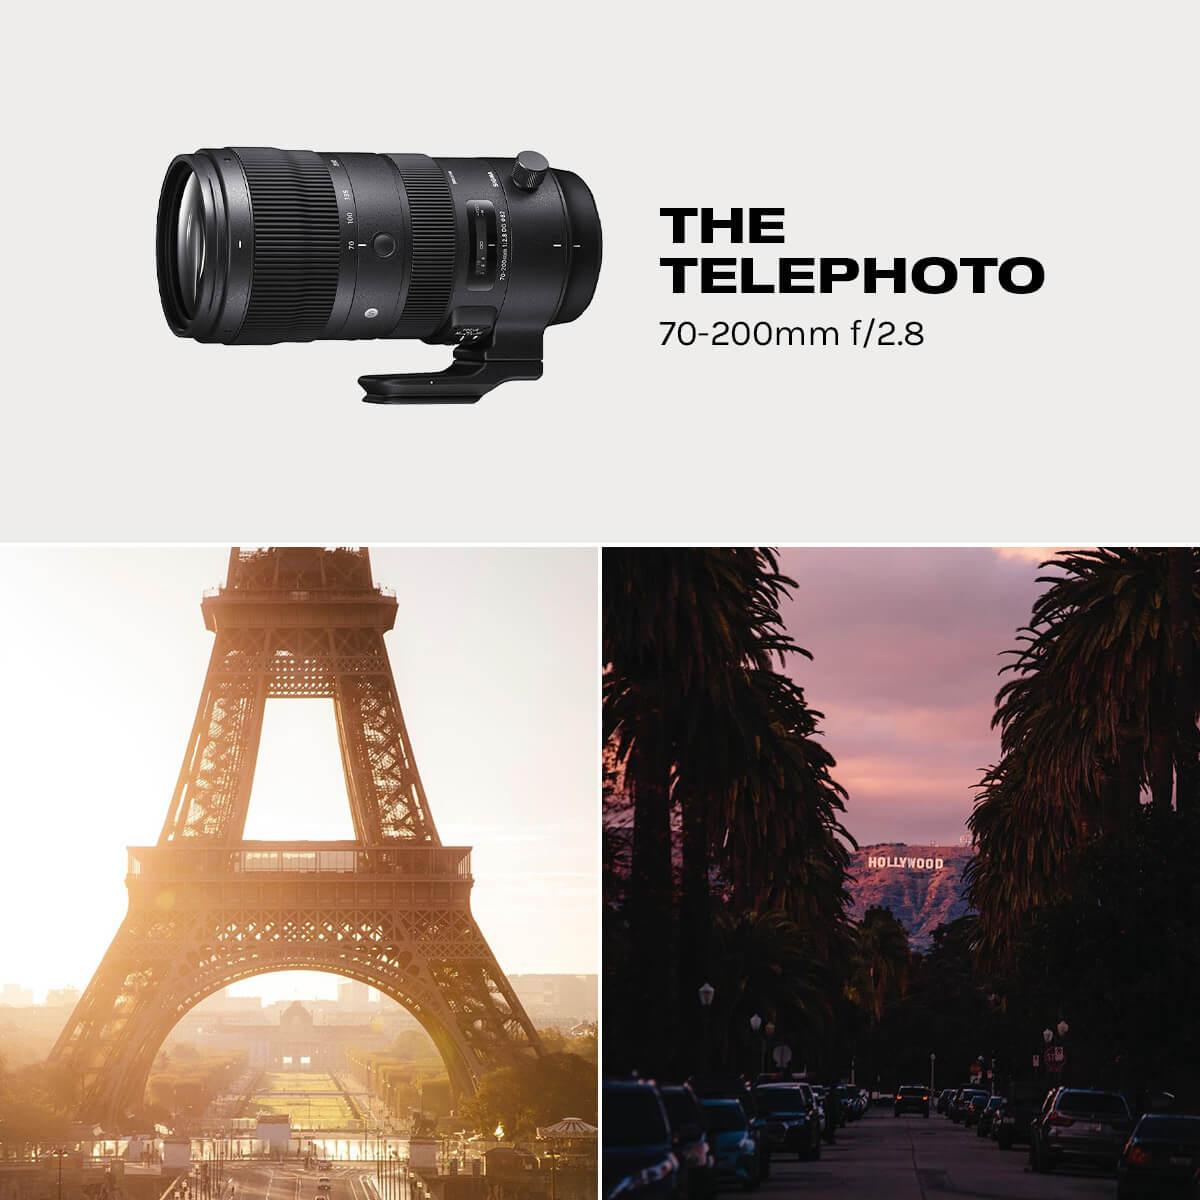 Telephoto Lens for Travel